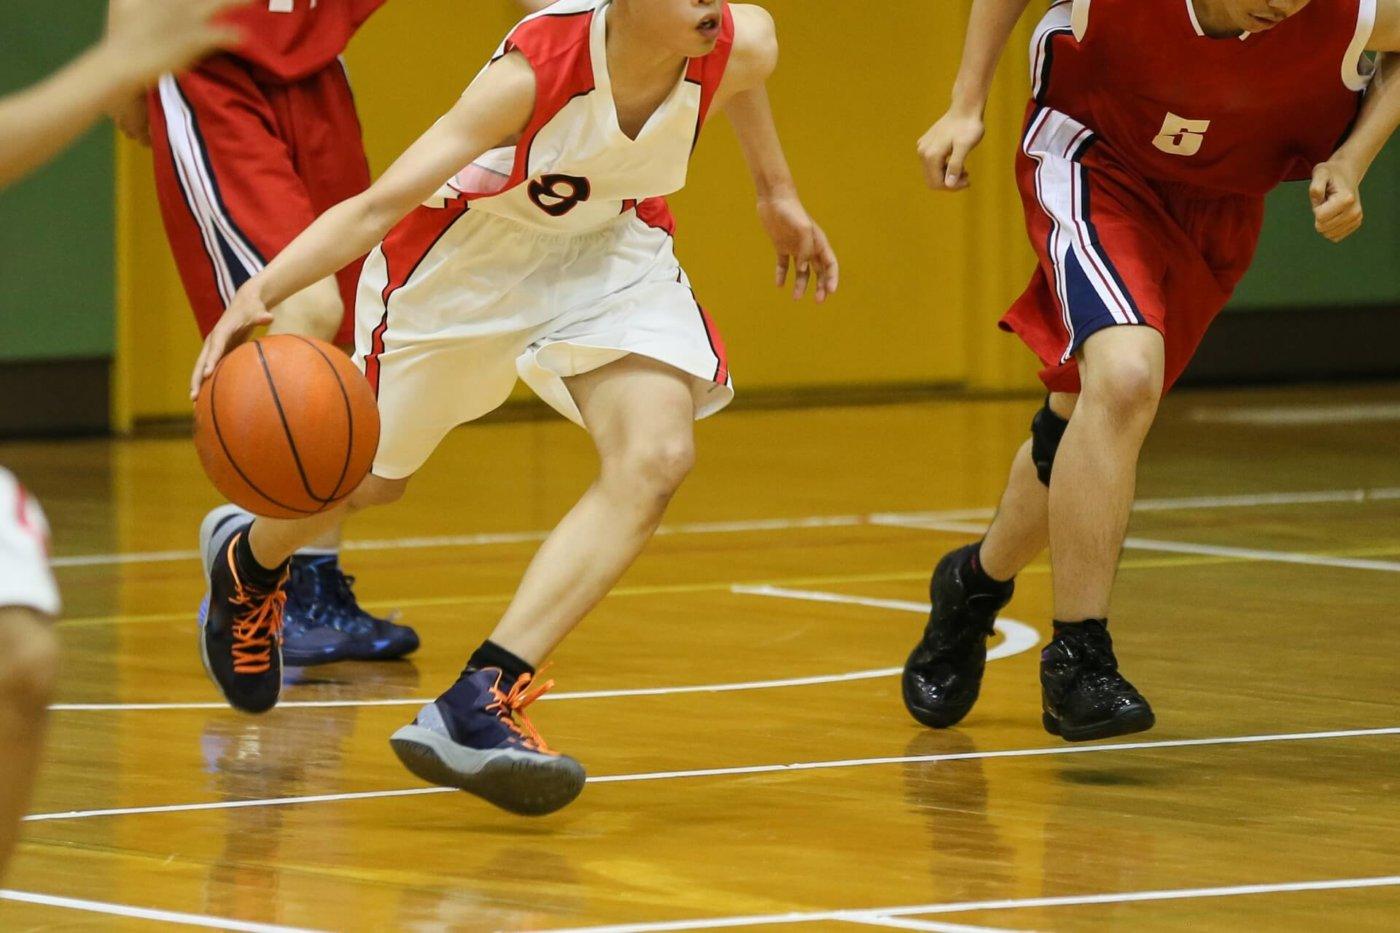 バスケットボールの掛け声